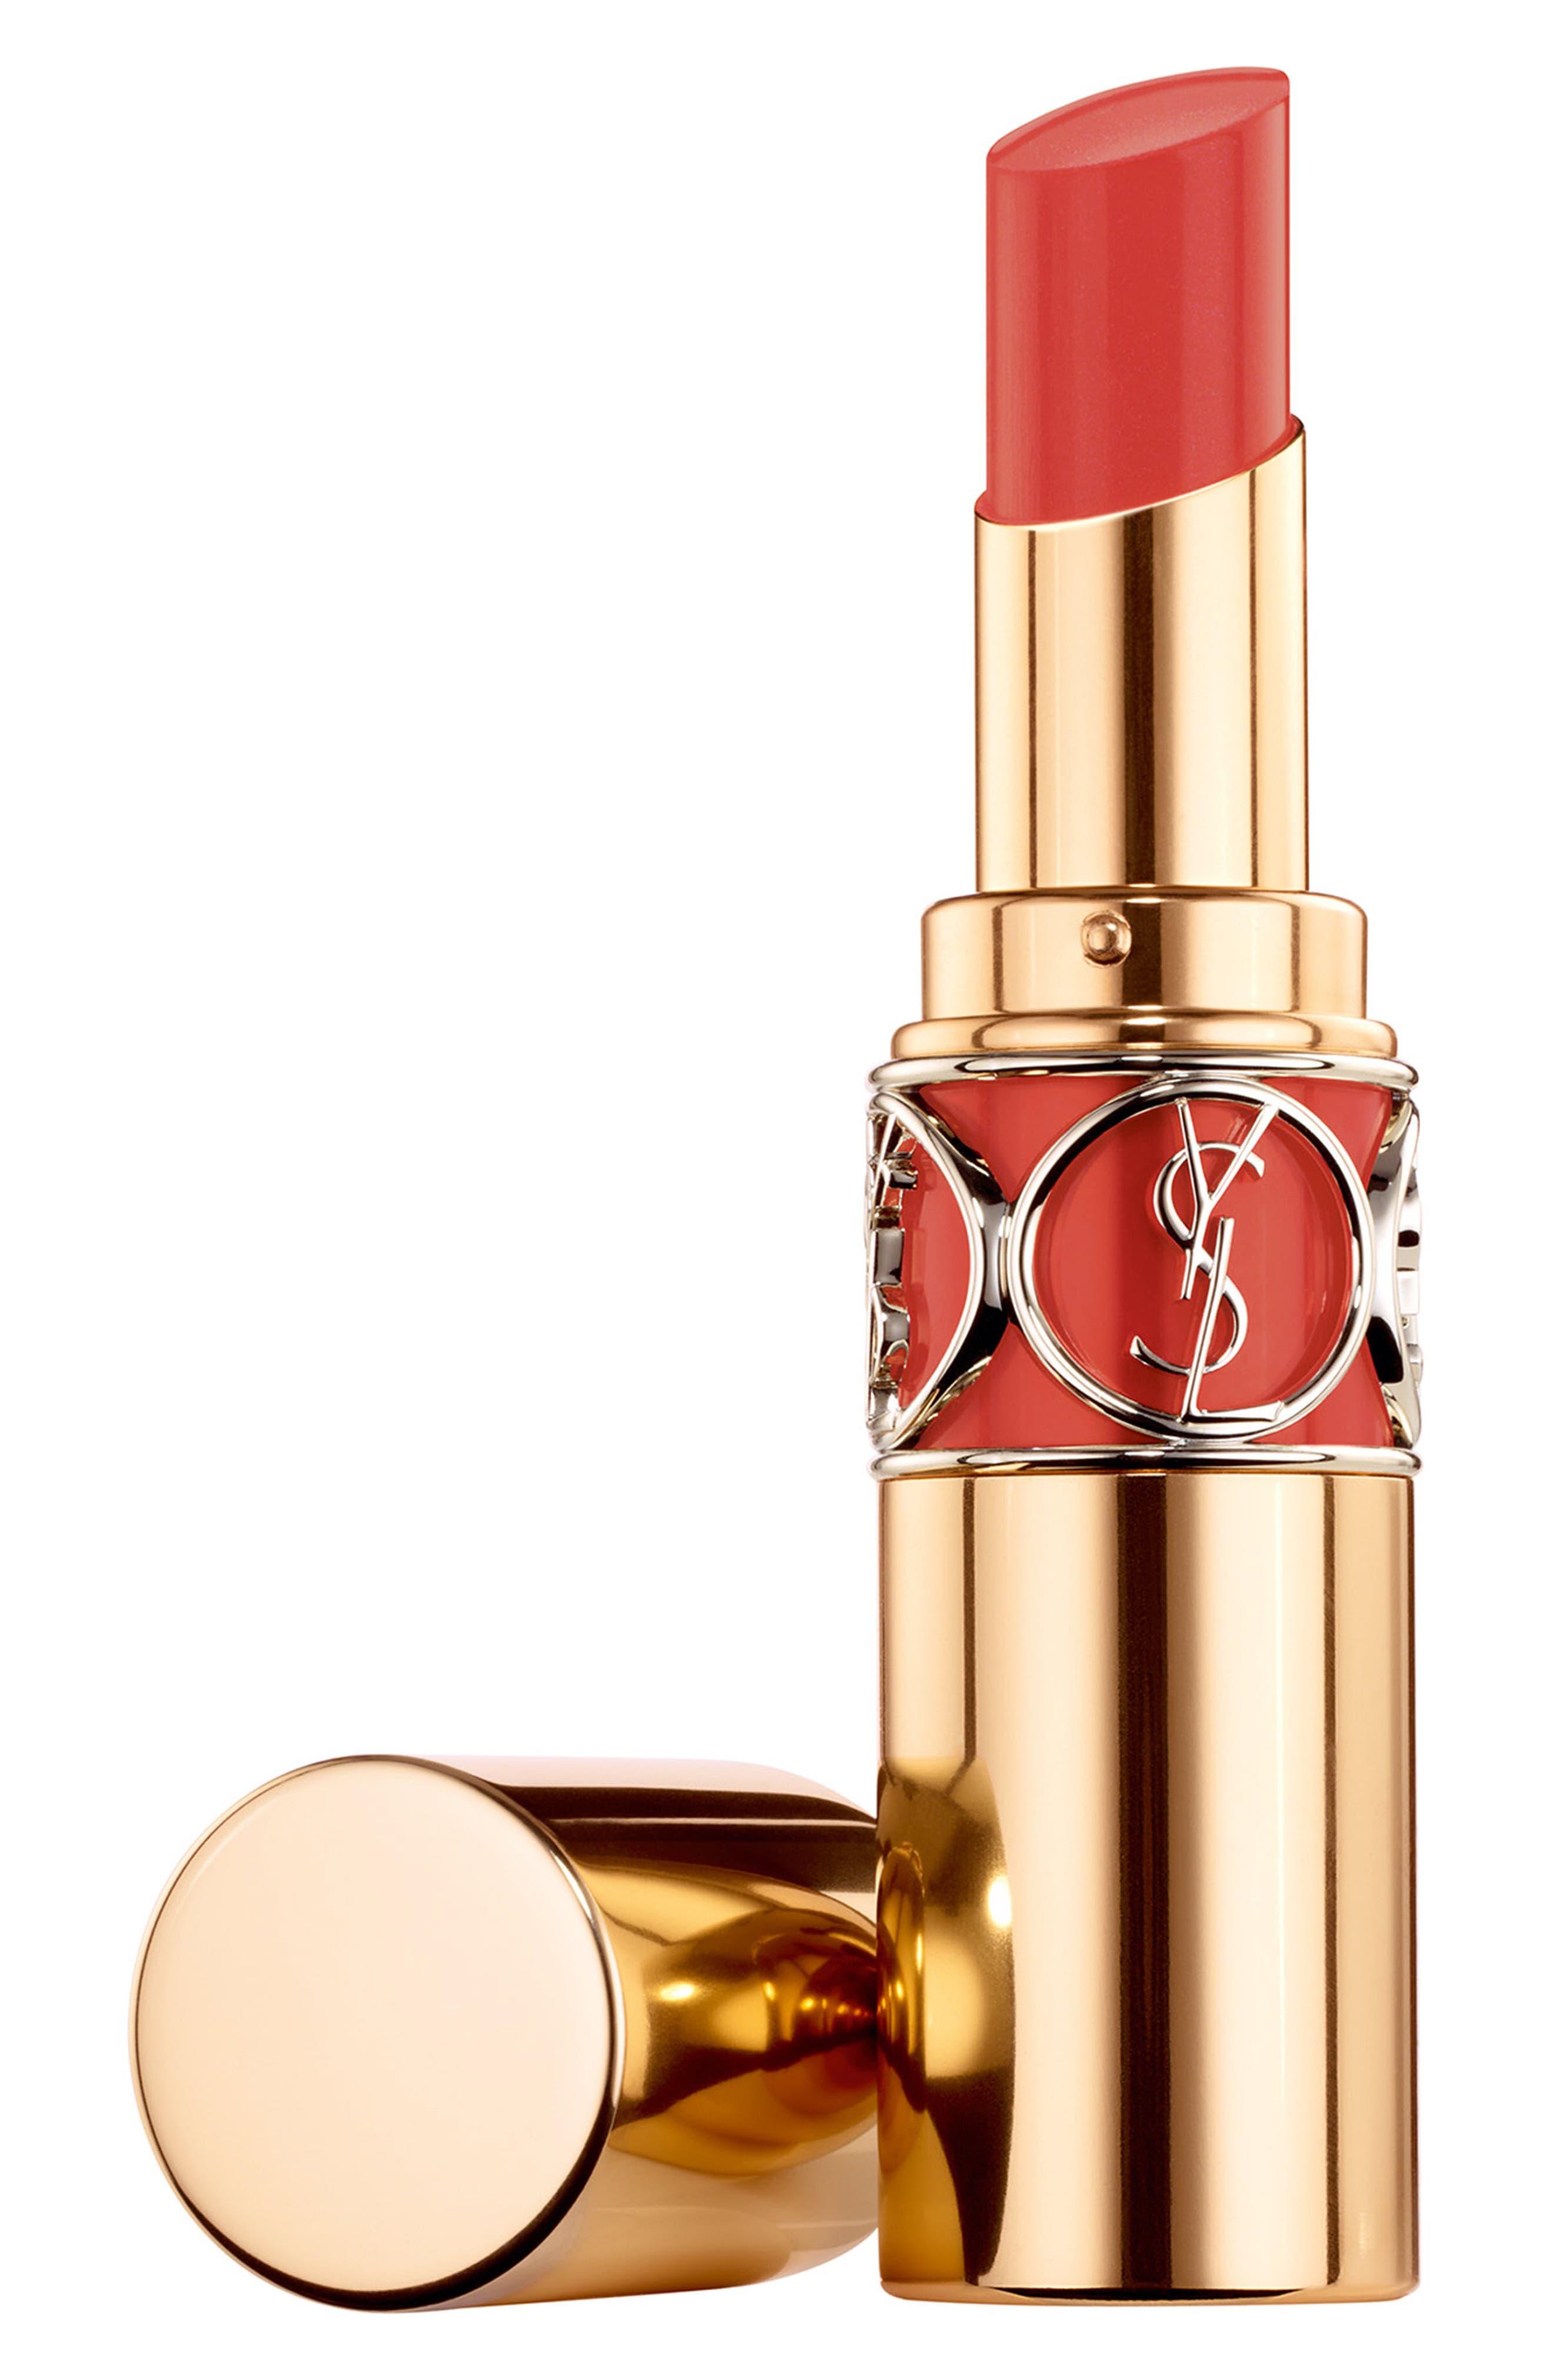 Yves Saint Laurent Rouge Volupte Shine Oil-In-Stick Lipstick - 16 Orange Majorelle